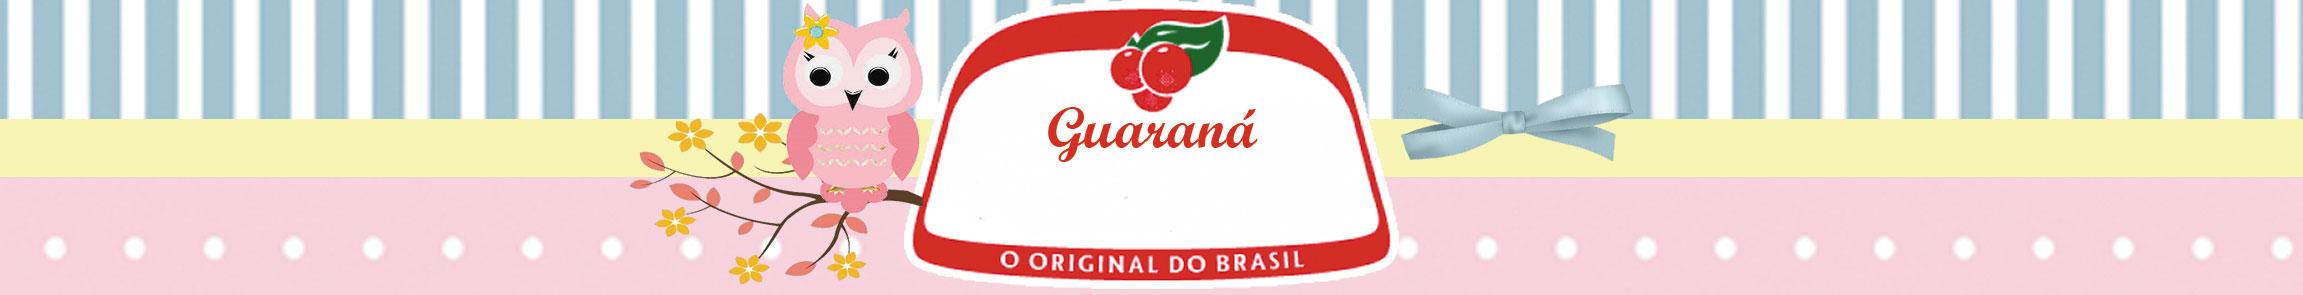 Rótulo guaraná antarctica Corujinha Rosa